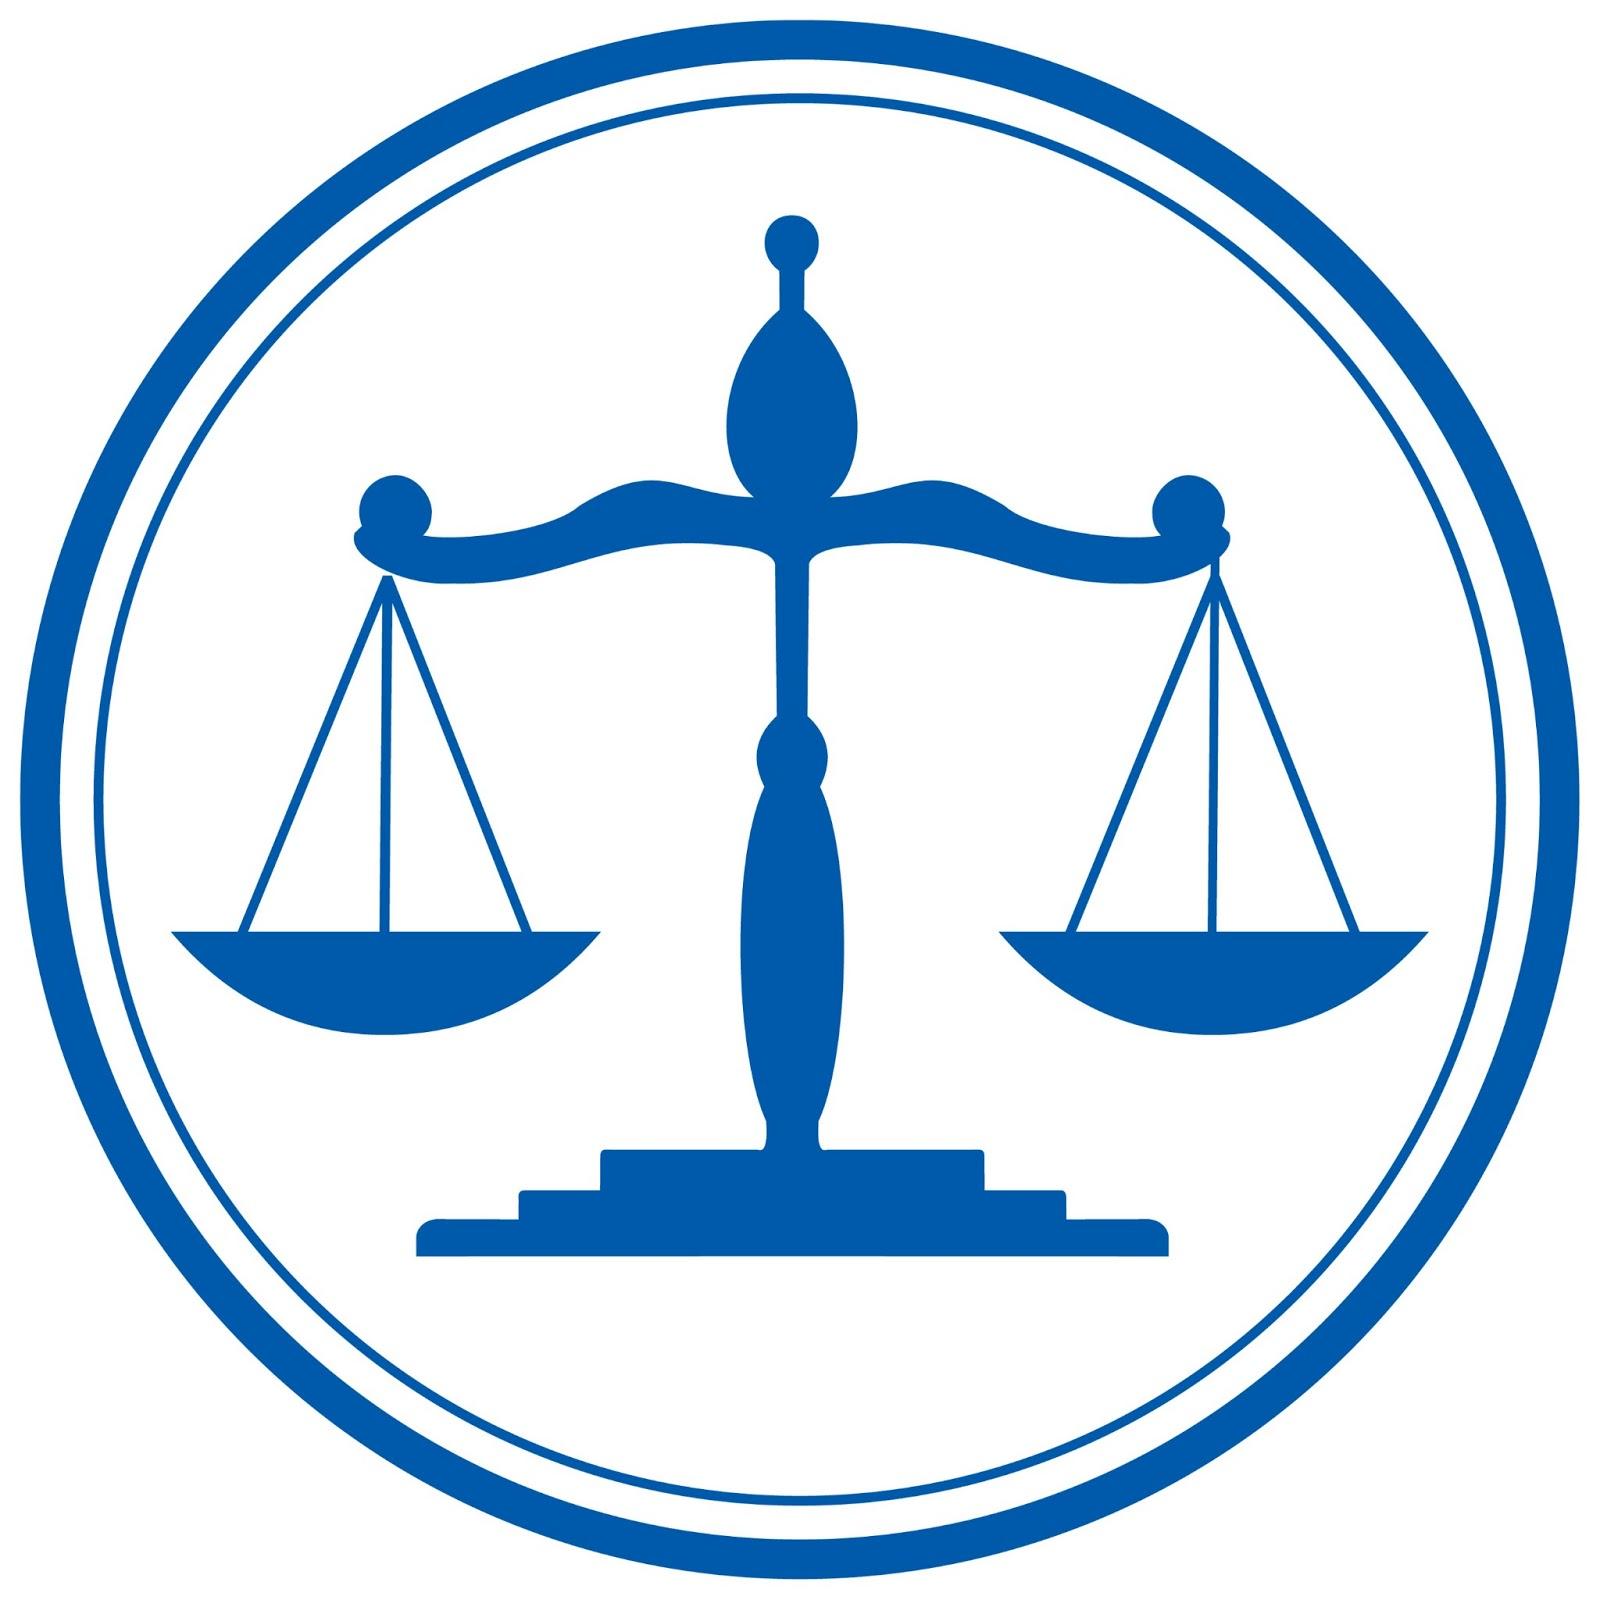 justicialogo